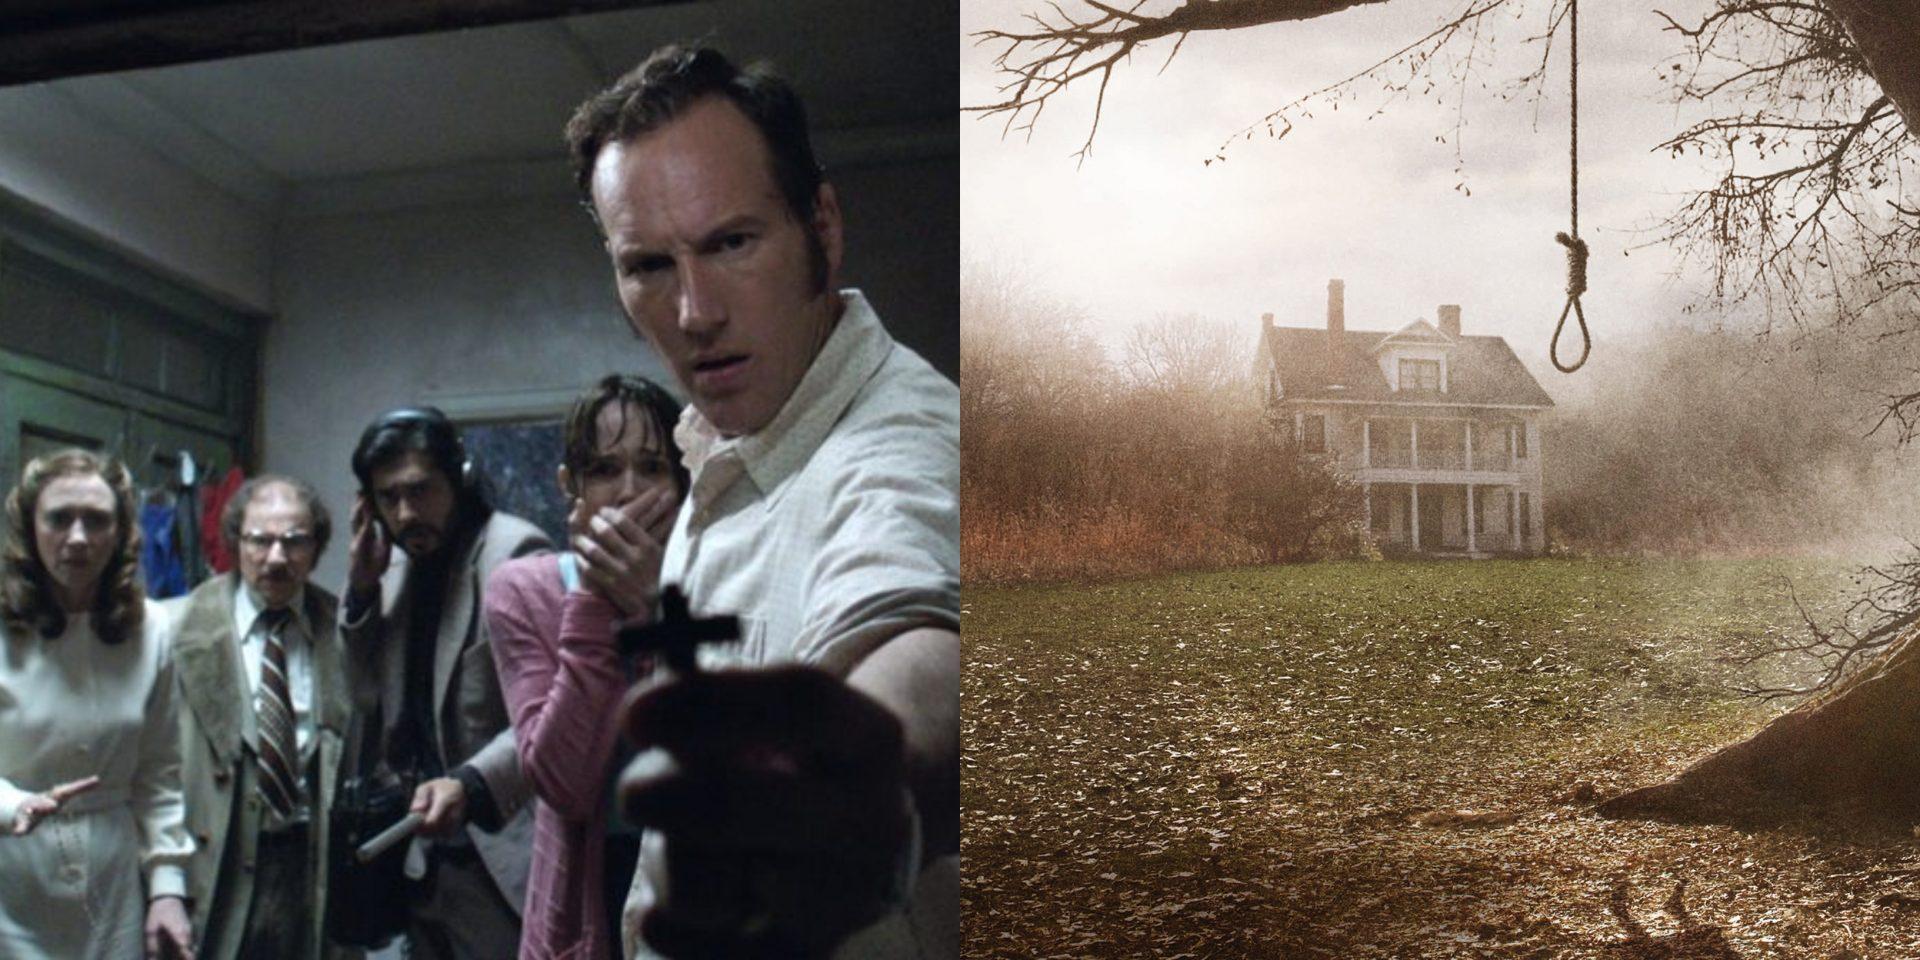 La Famille Qui Habite La Maison Du Film La Conjuration Va Faire